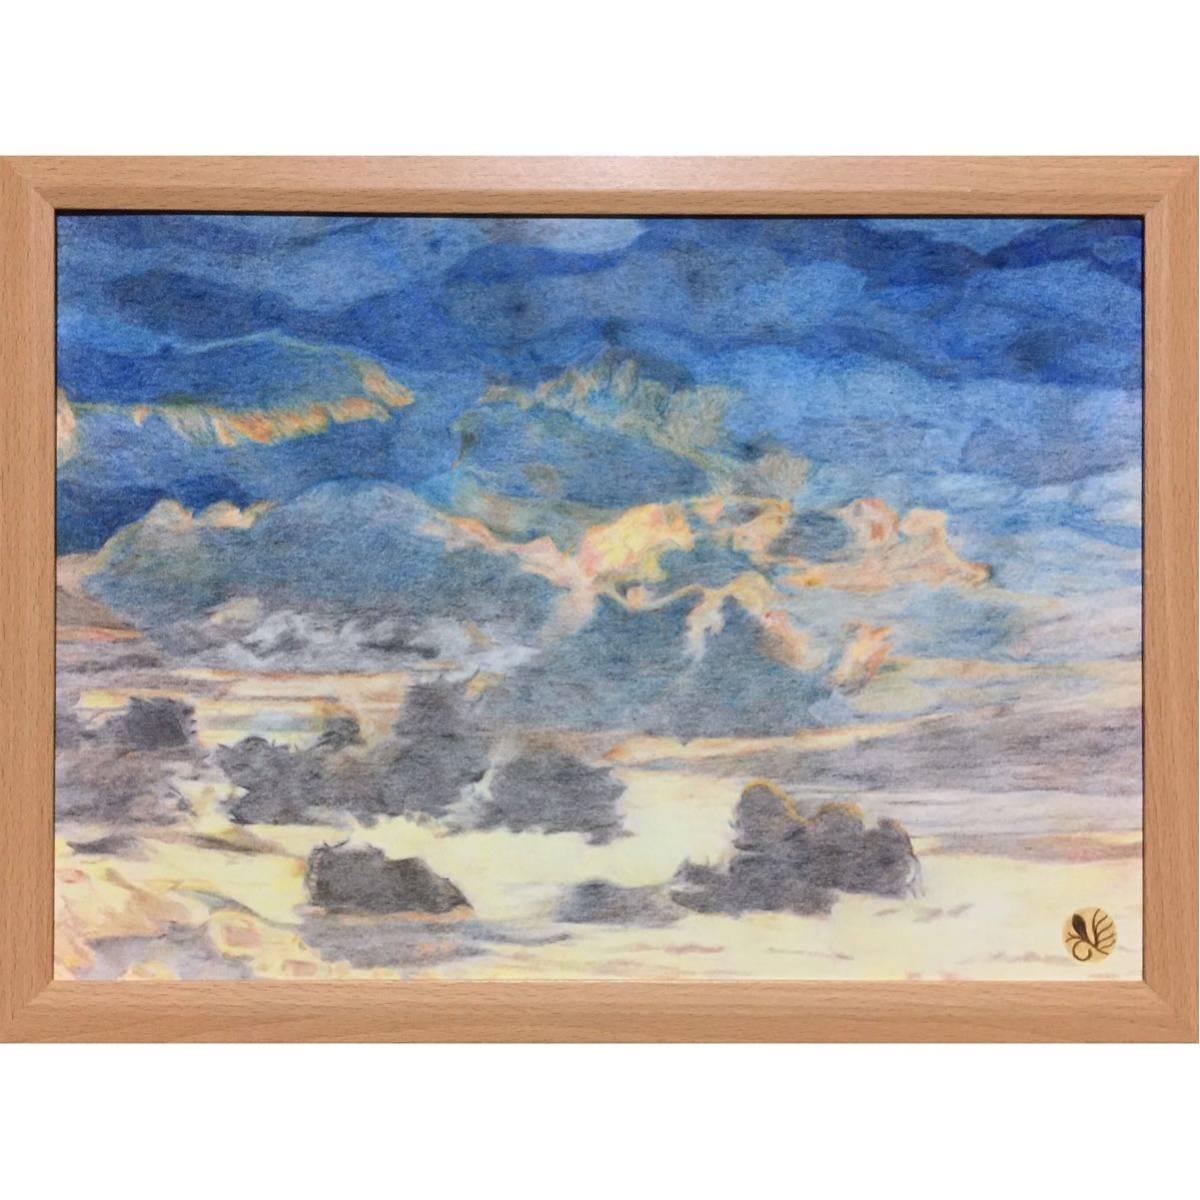 色鉛筆画「 待ちあわせ 」B4・額付き◇◆手描き◇原画◆空・風景画◇◆yotto_画像2